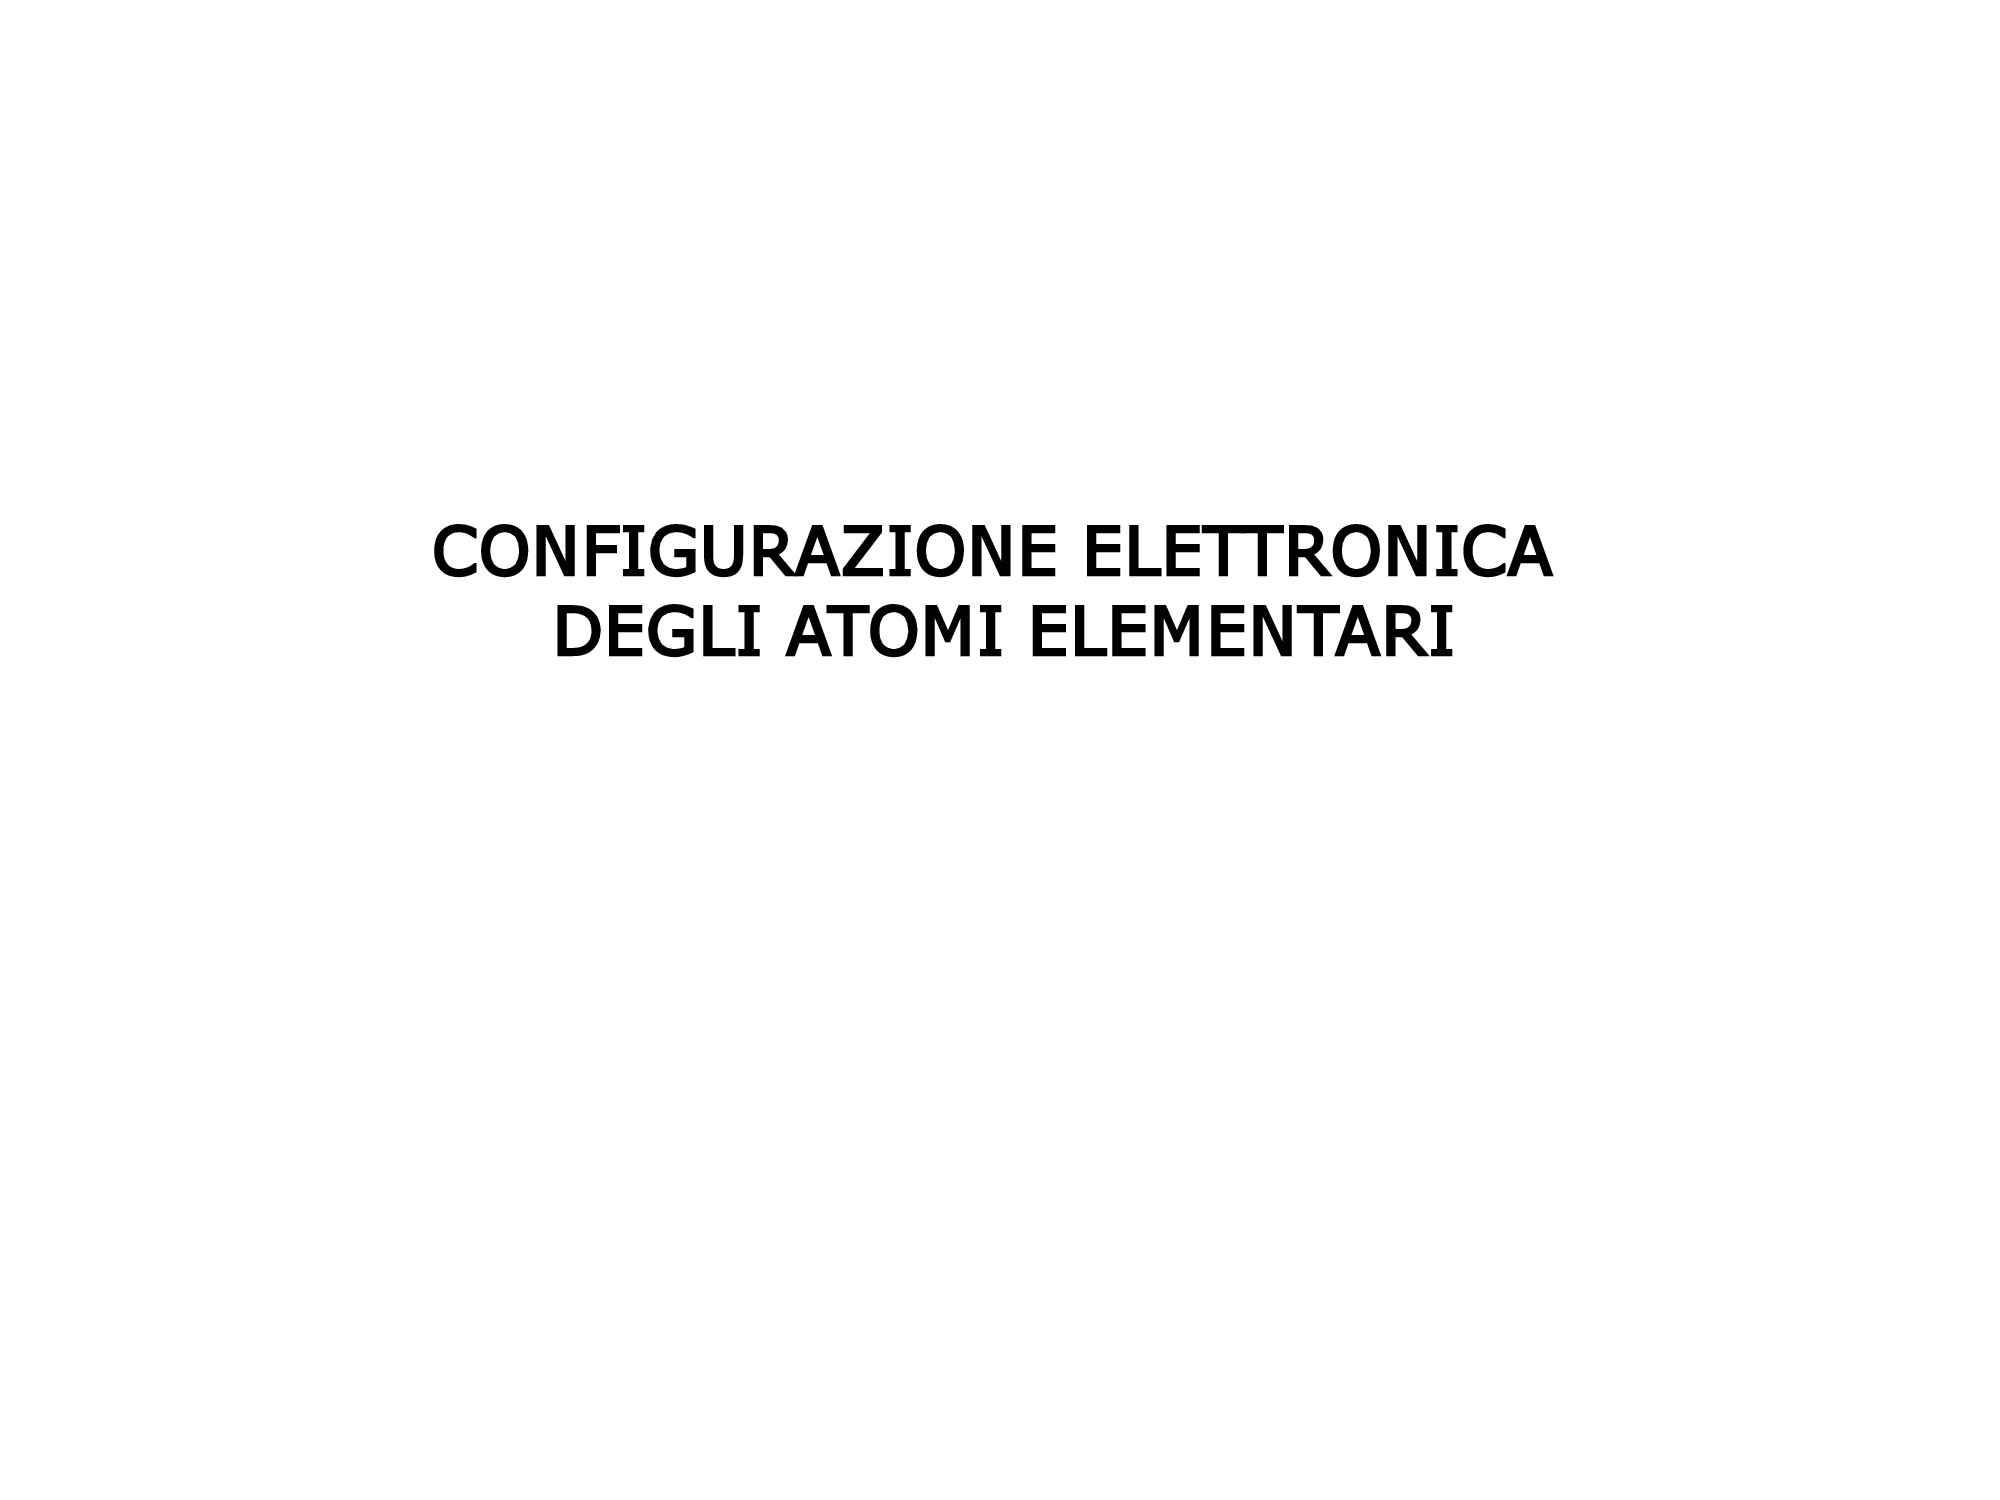 Atomi - Configurazione elettronica